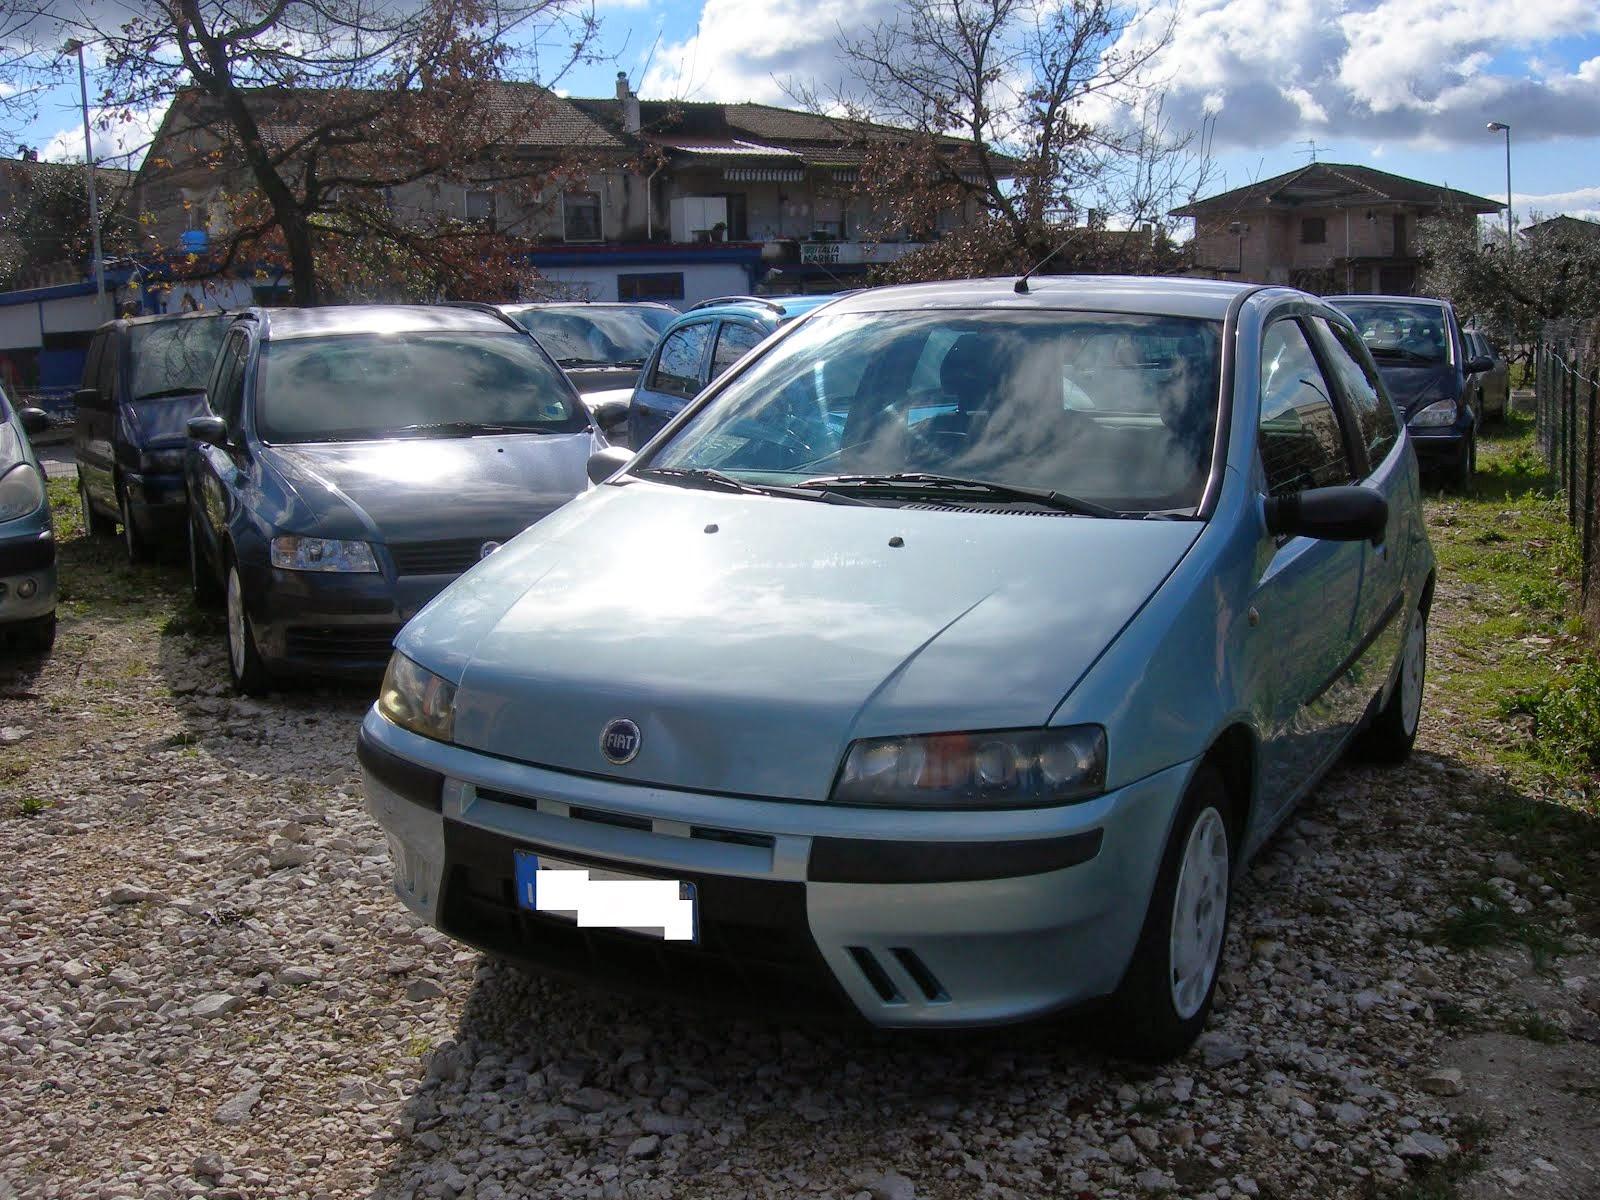 Fiat Punto 1.2 Anno 2002 con Clima -idroguida